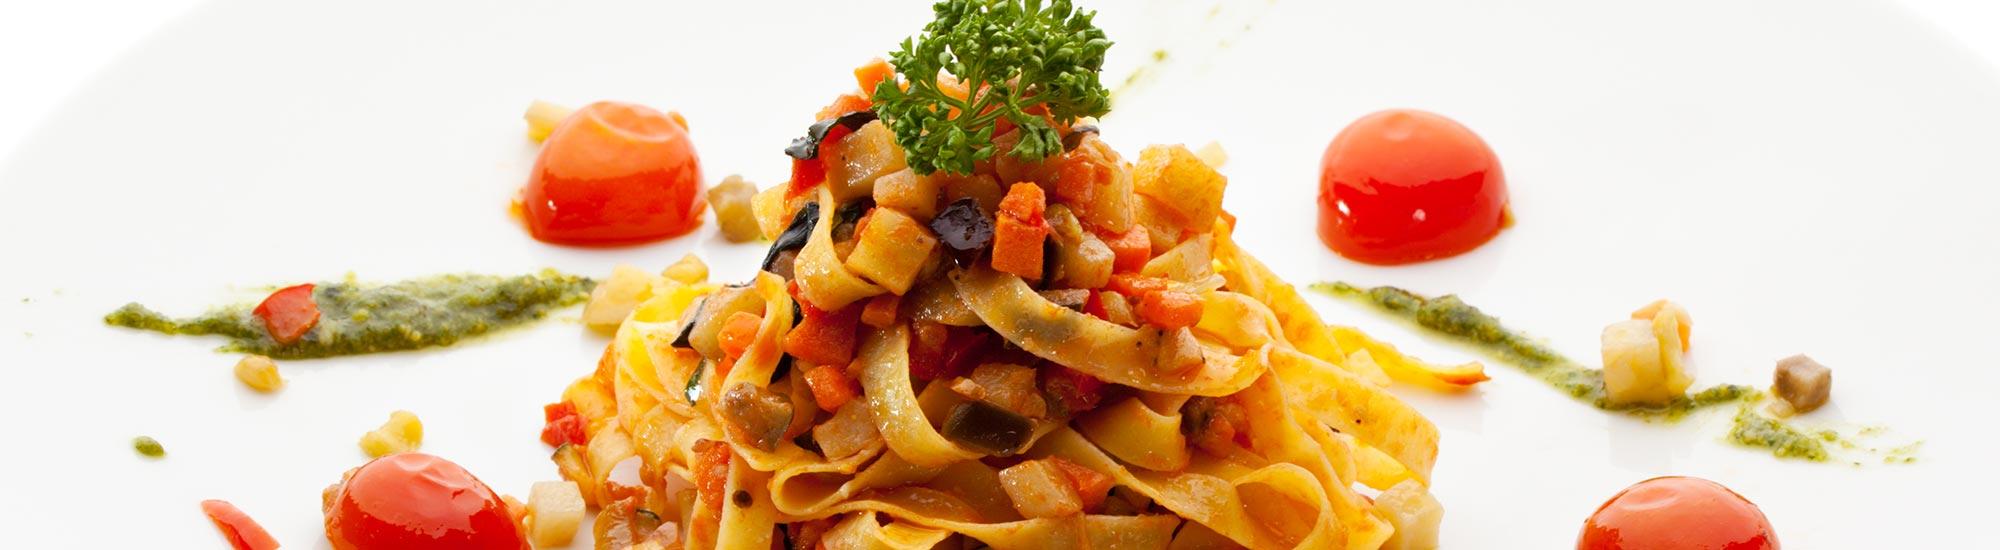 ricetta Tagliatelle vegetariane con pesto di rucola e pomodorini al forno con pasta fresca